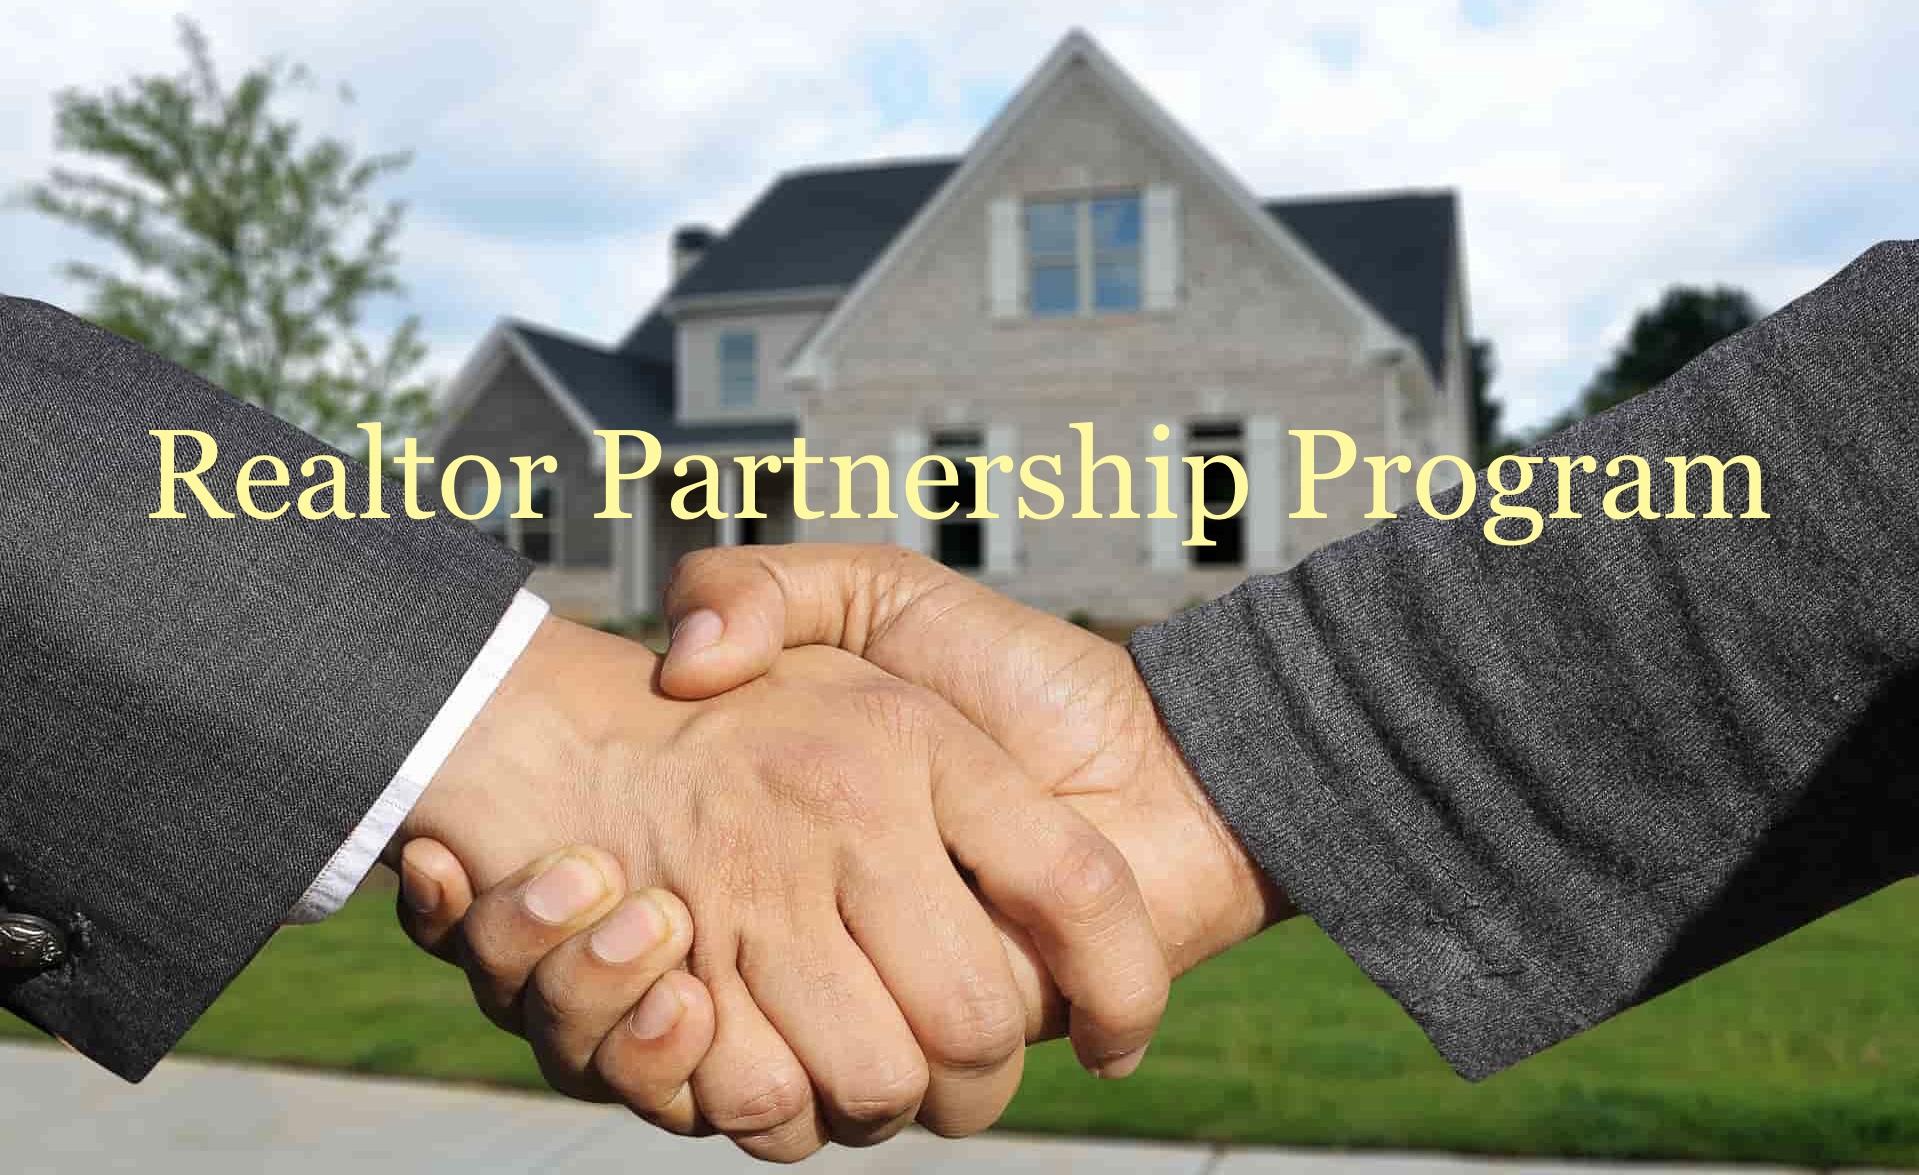 Realtor Partnership Program